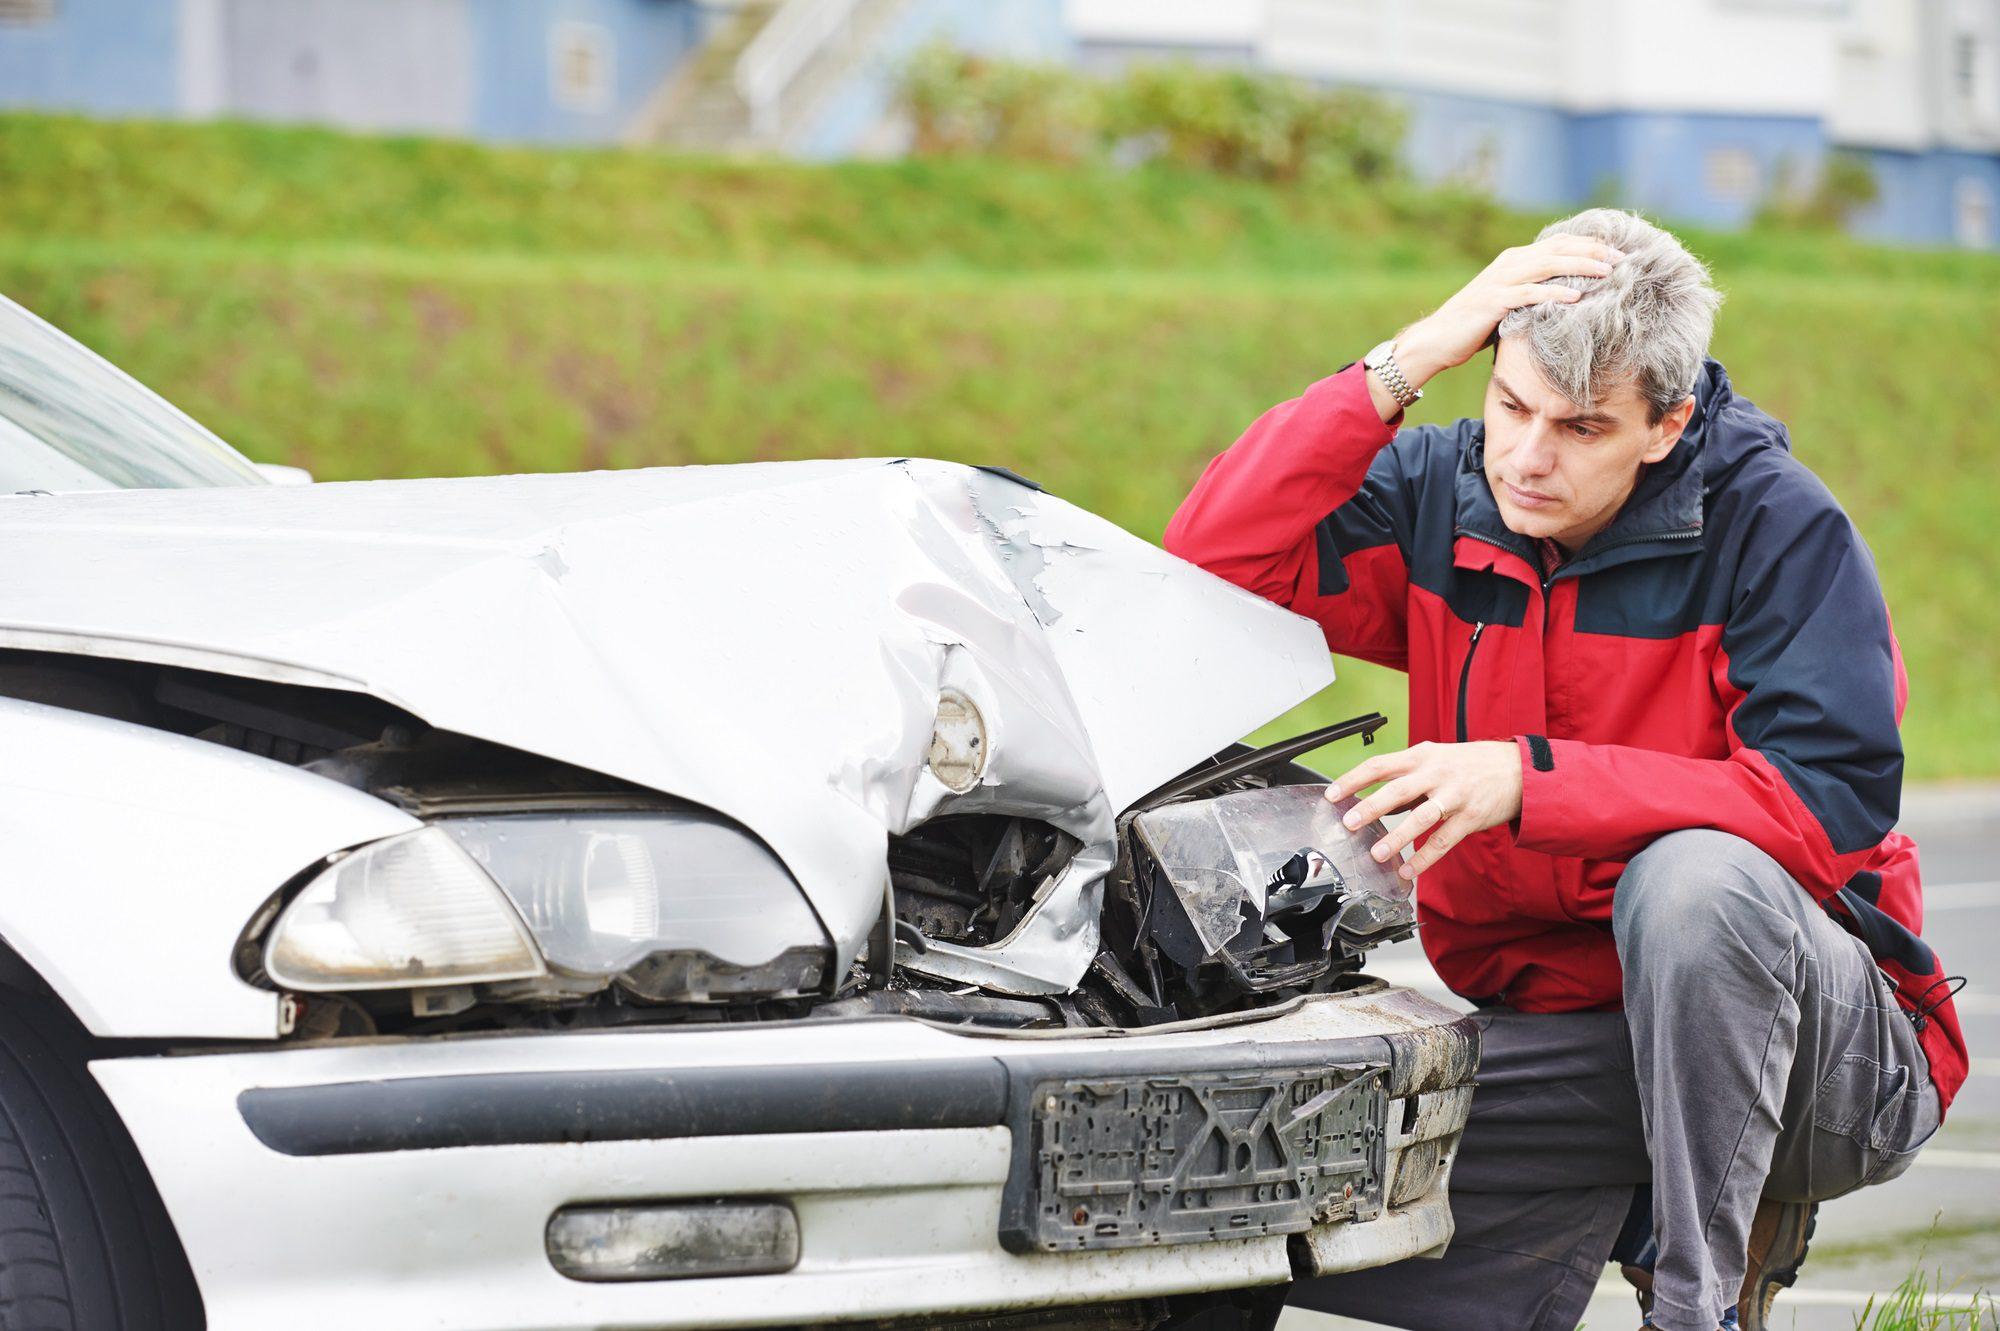 Ein Unfall und damit verbundene Schäden sind immer ärgerlich. Für die Abwicklung und Regulierung des Schadens ist eine Dokumentation per Unfallbericht, Unfallskizze und detaillierten Fotos essentiell.